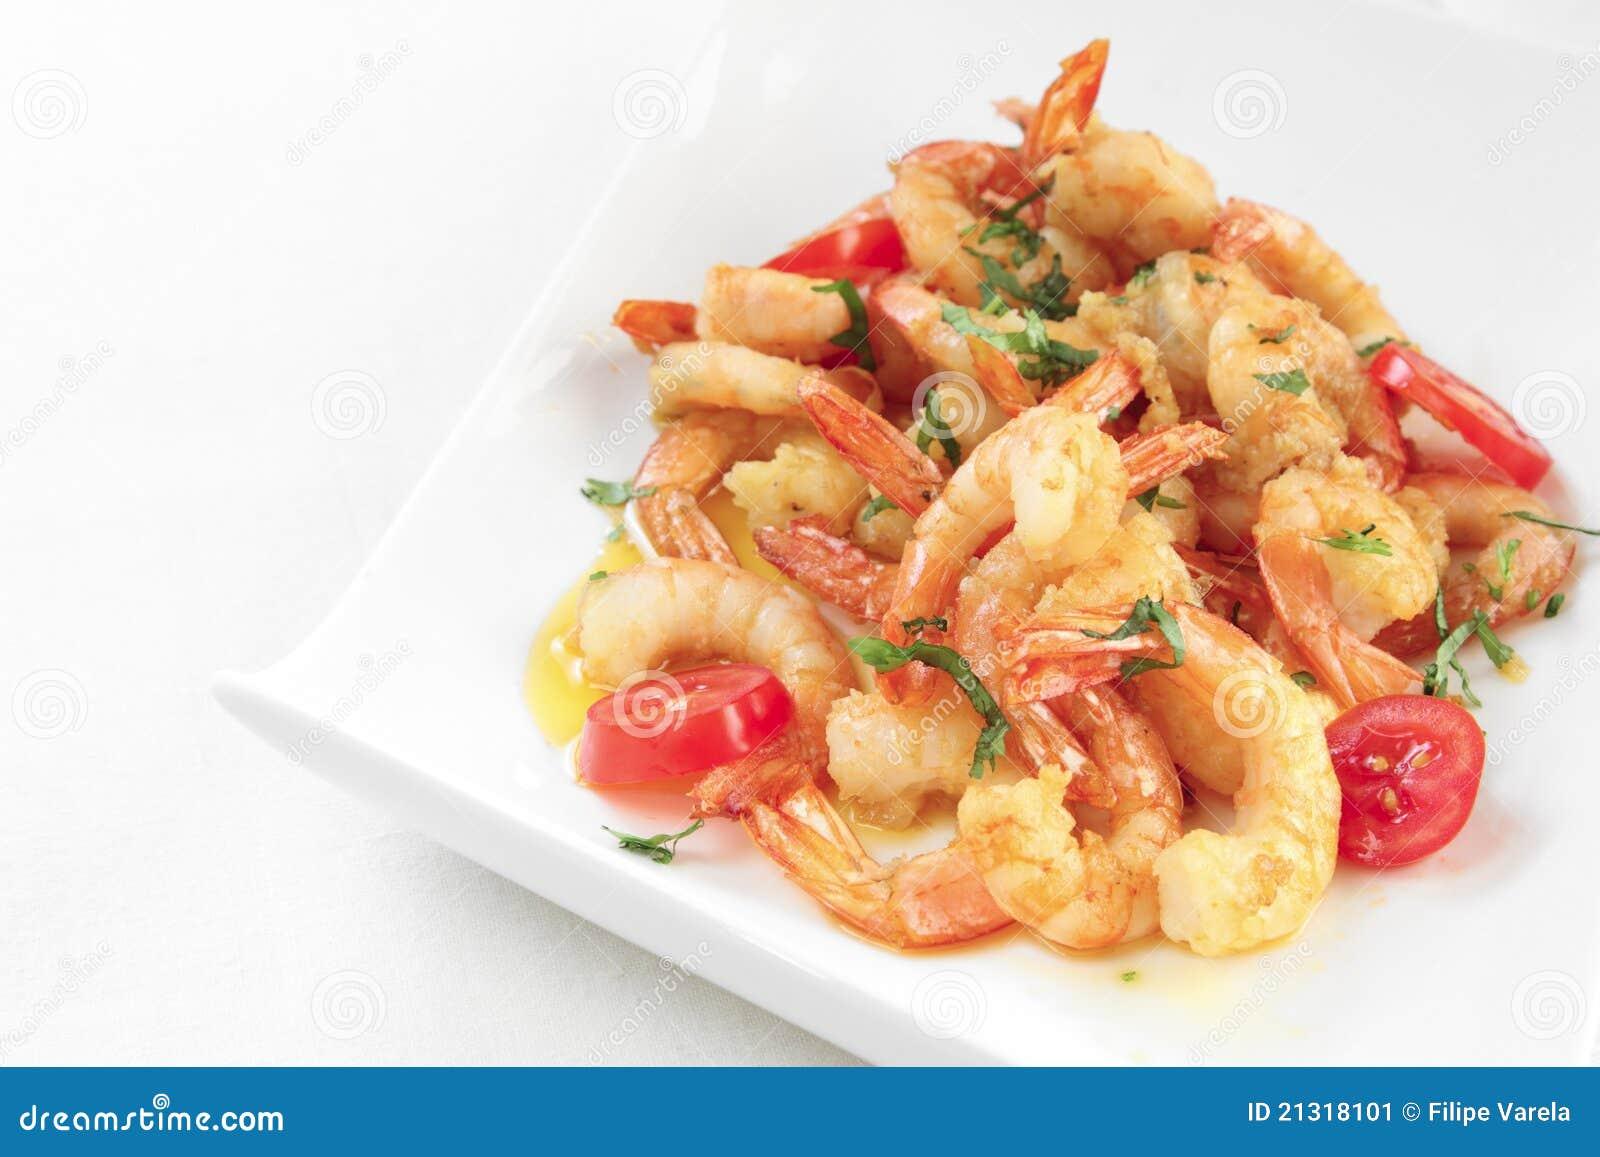 plato con camarones